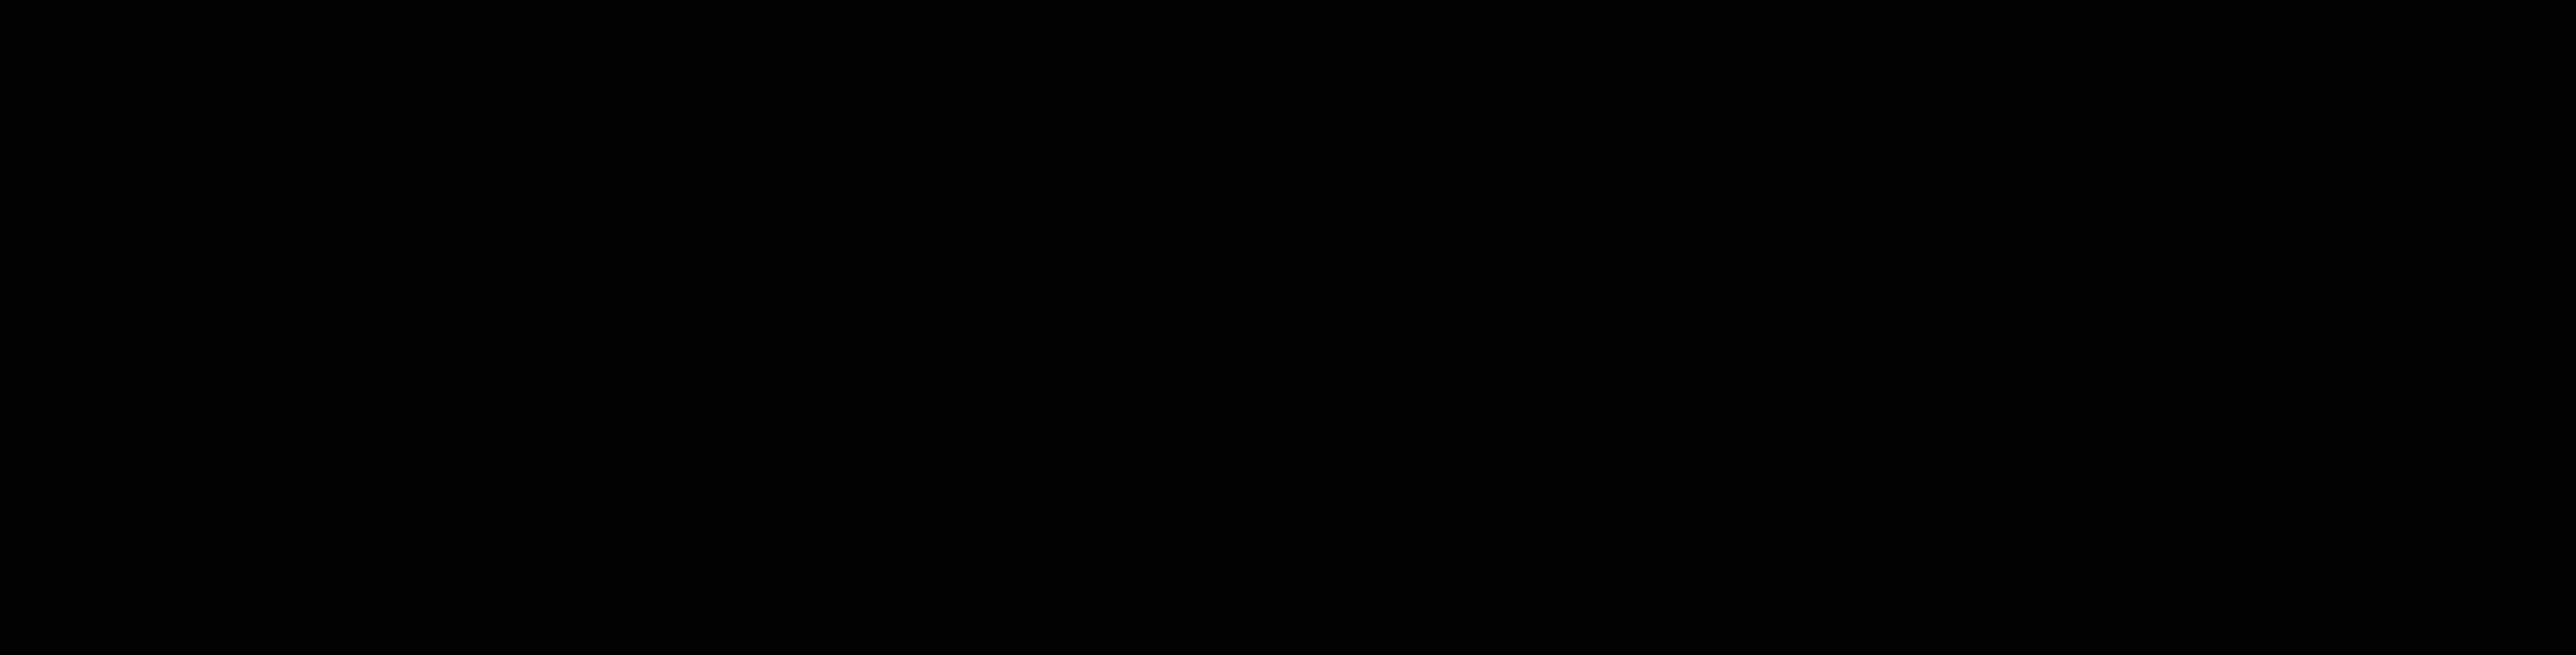 devuan-logo_tm_600dpi